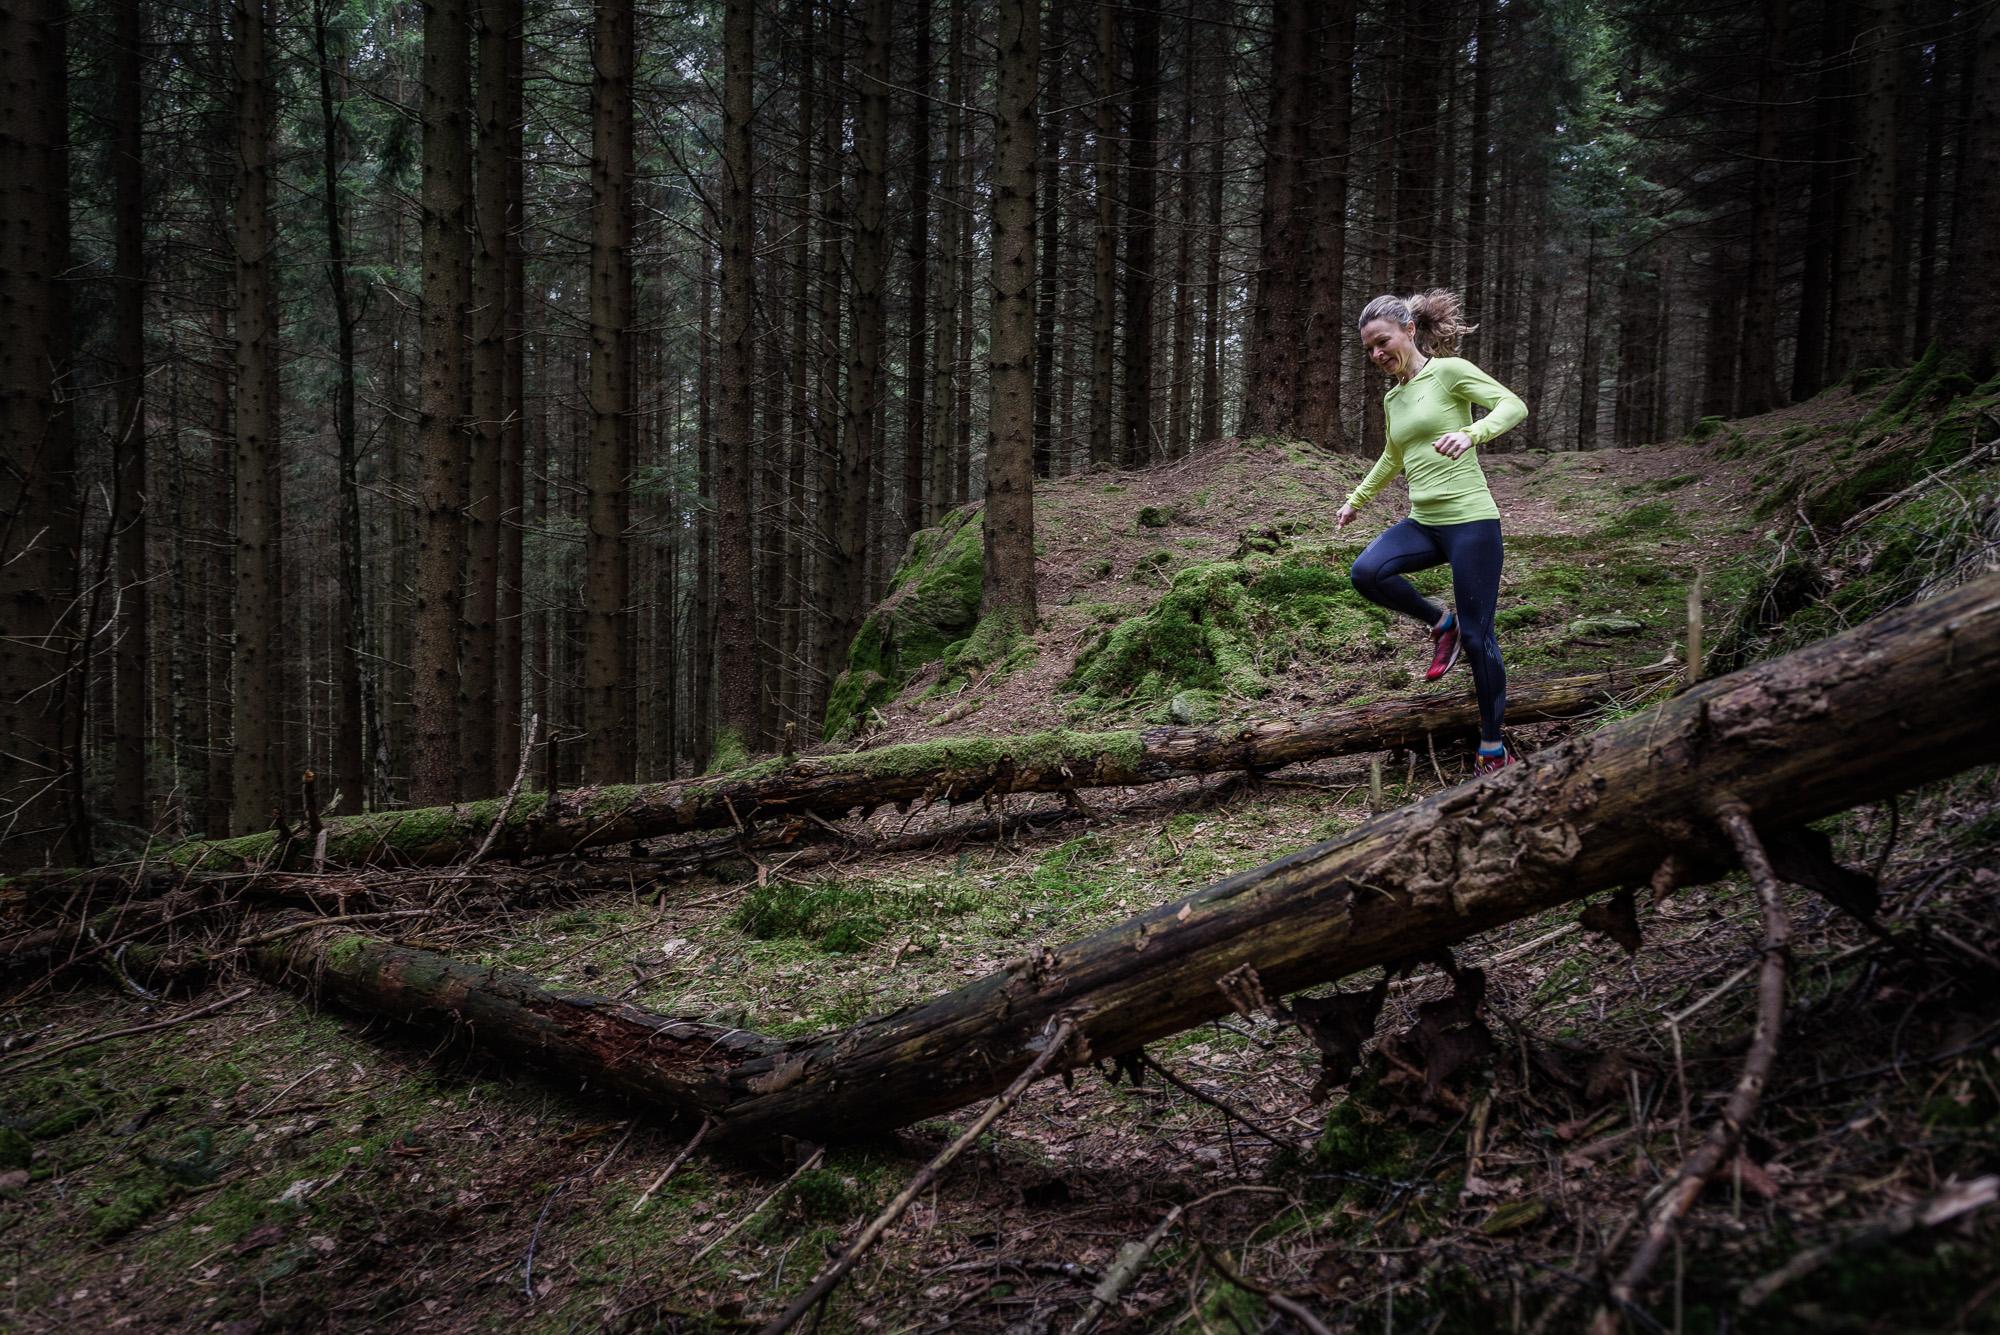 Traillöpning i Delsjöområdet. Foto: Mikael Svensson, www.mikaelsvensson.com